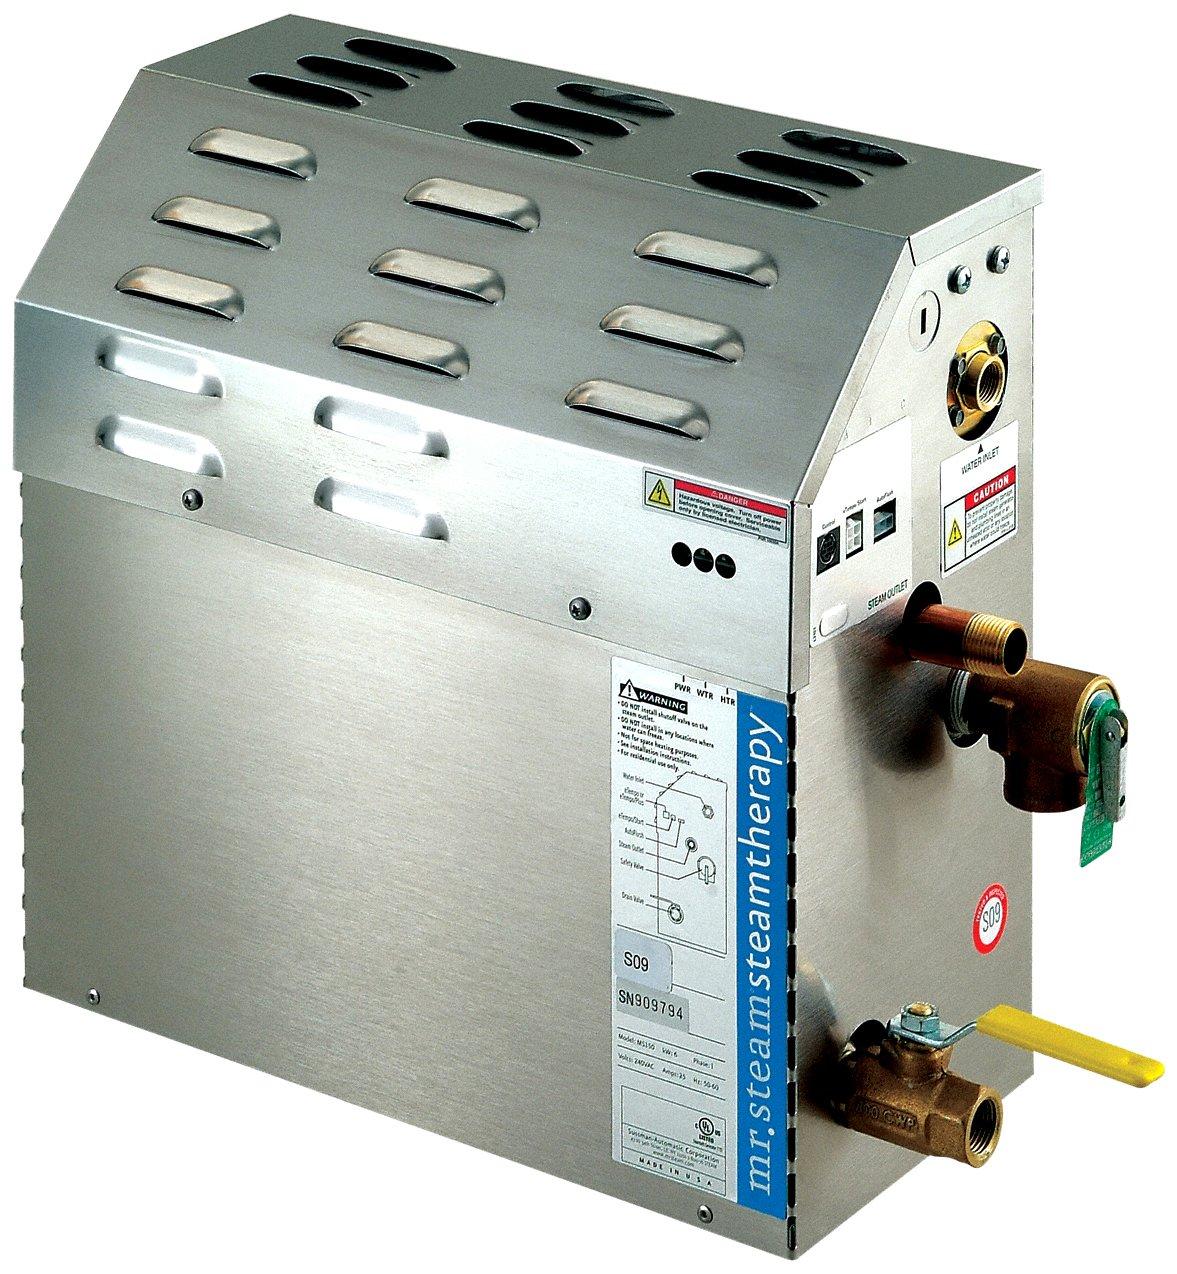 Mr. Steam Ms90eb3 eTempo Ms90e 5 Kw 208v 3ph Steambath Generator Only